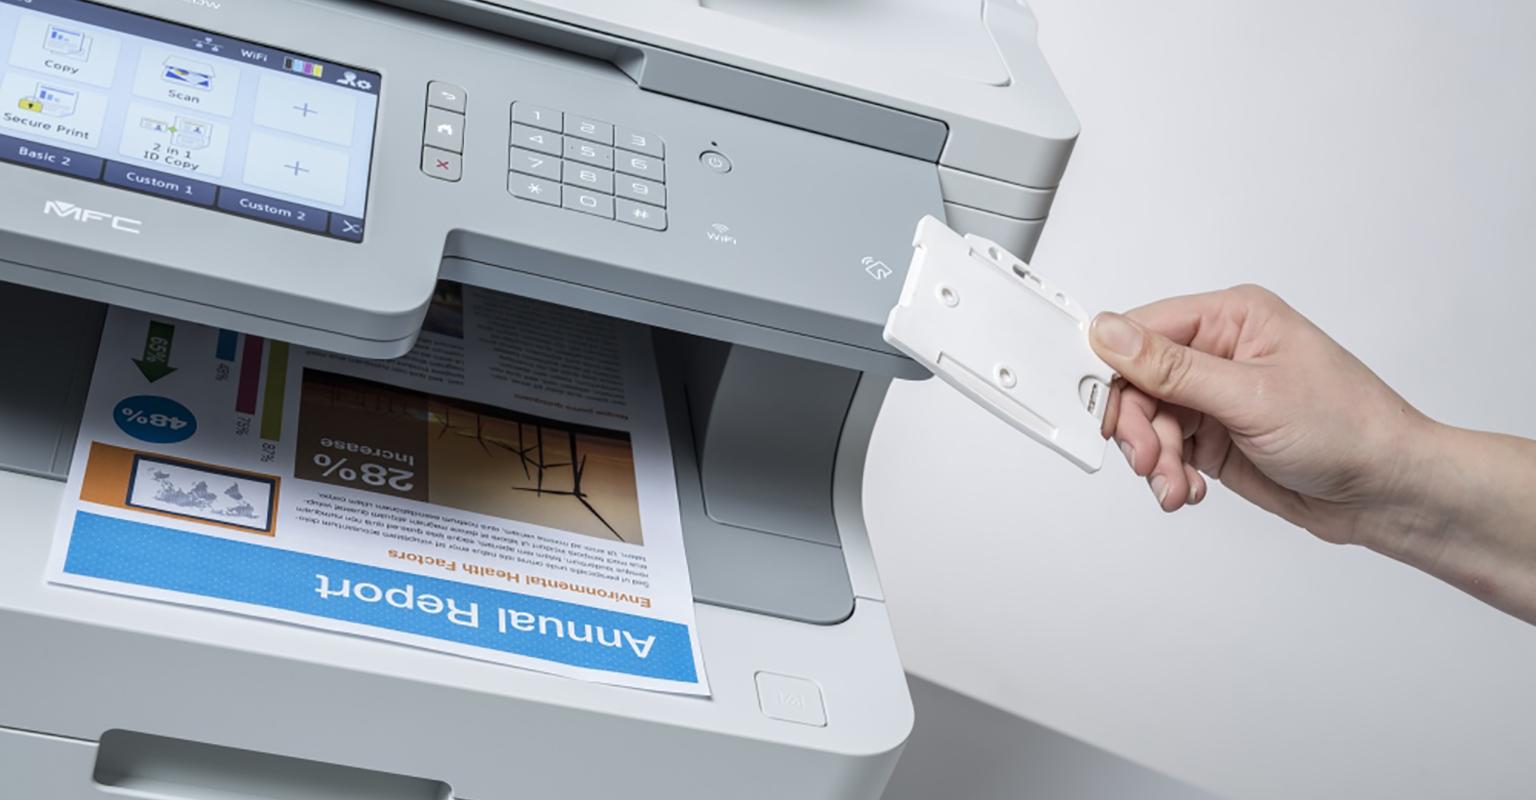 Persona utilizando tarjeta de seguridad en impresora Brother